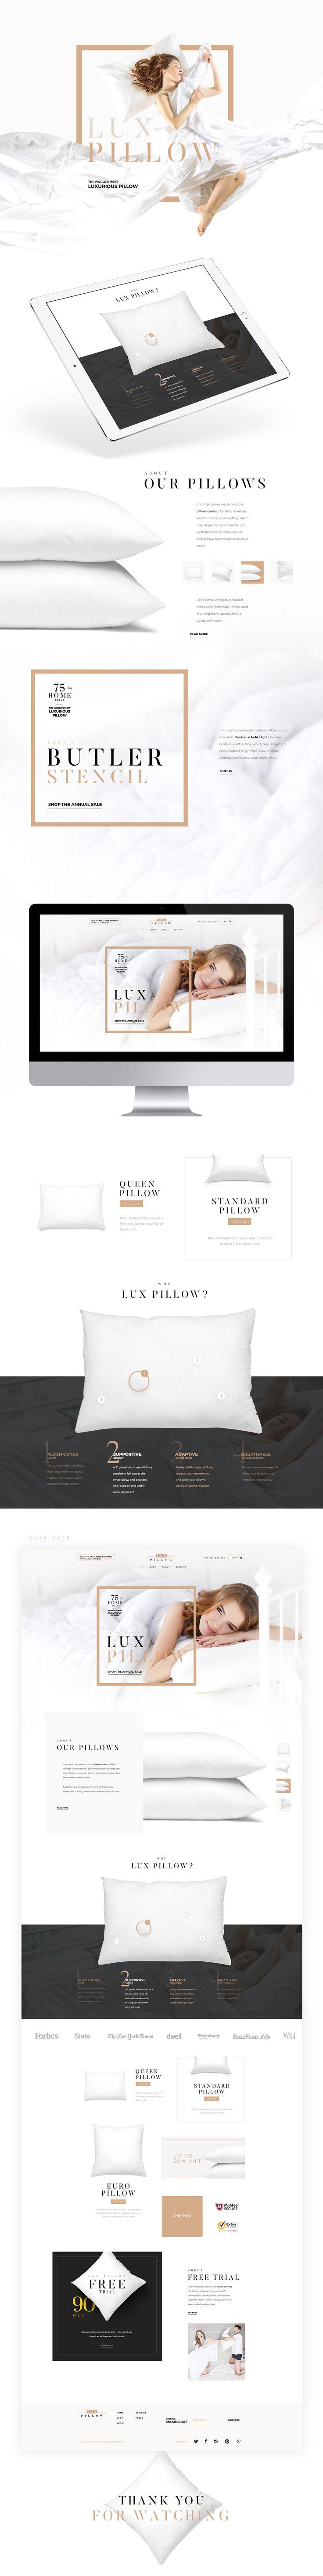 Luxury pillow online shop. Design for sale.